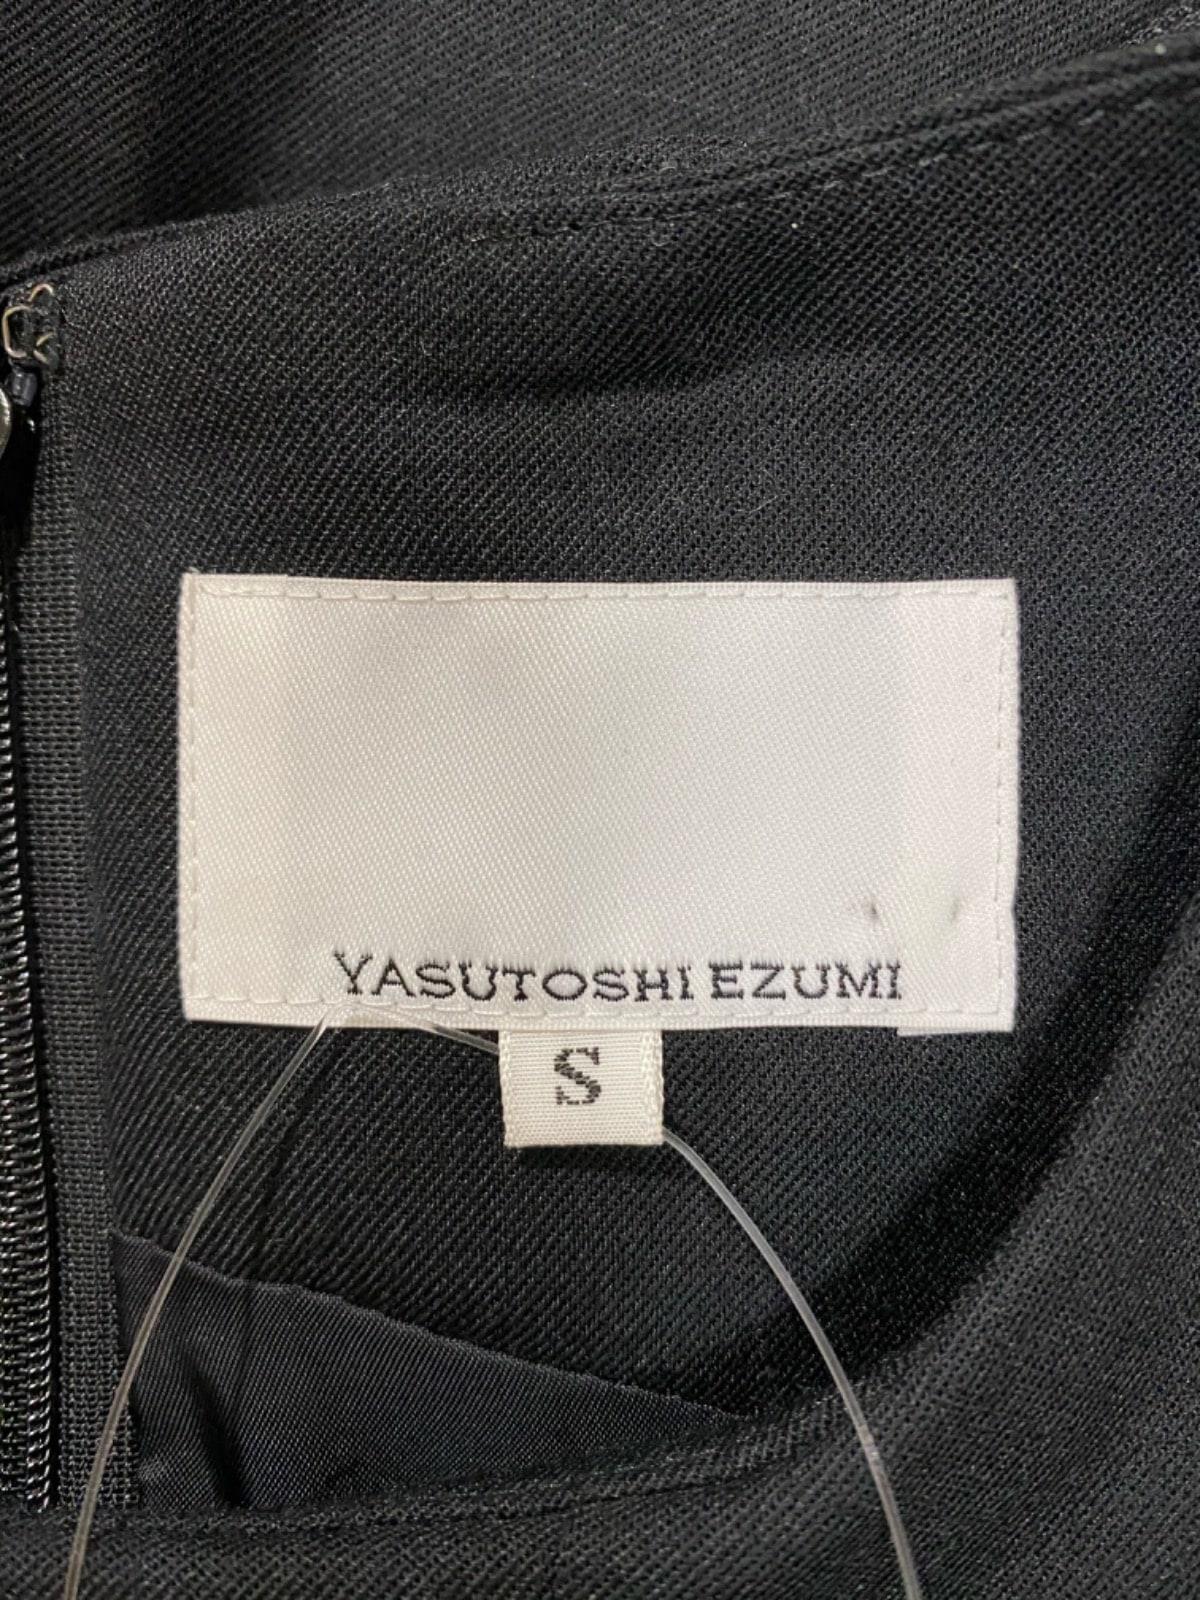 Yasutoshi Ezumi(ヤストシ エズミ)のワンピース